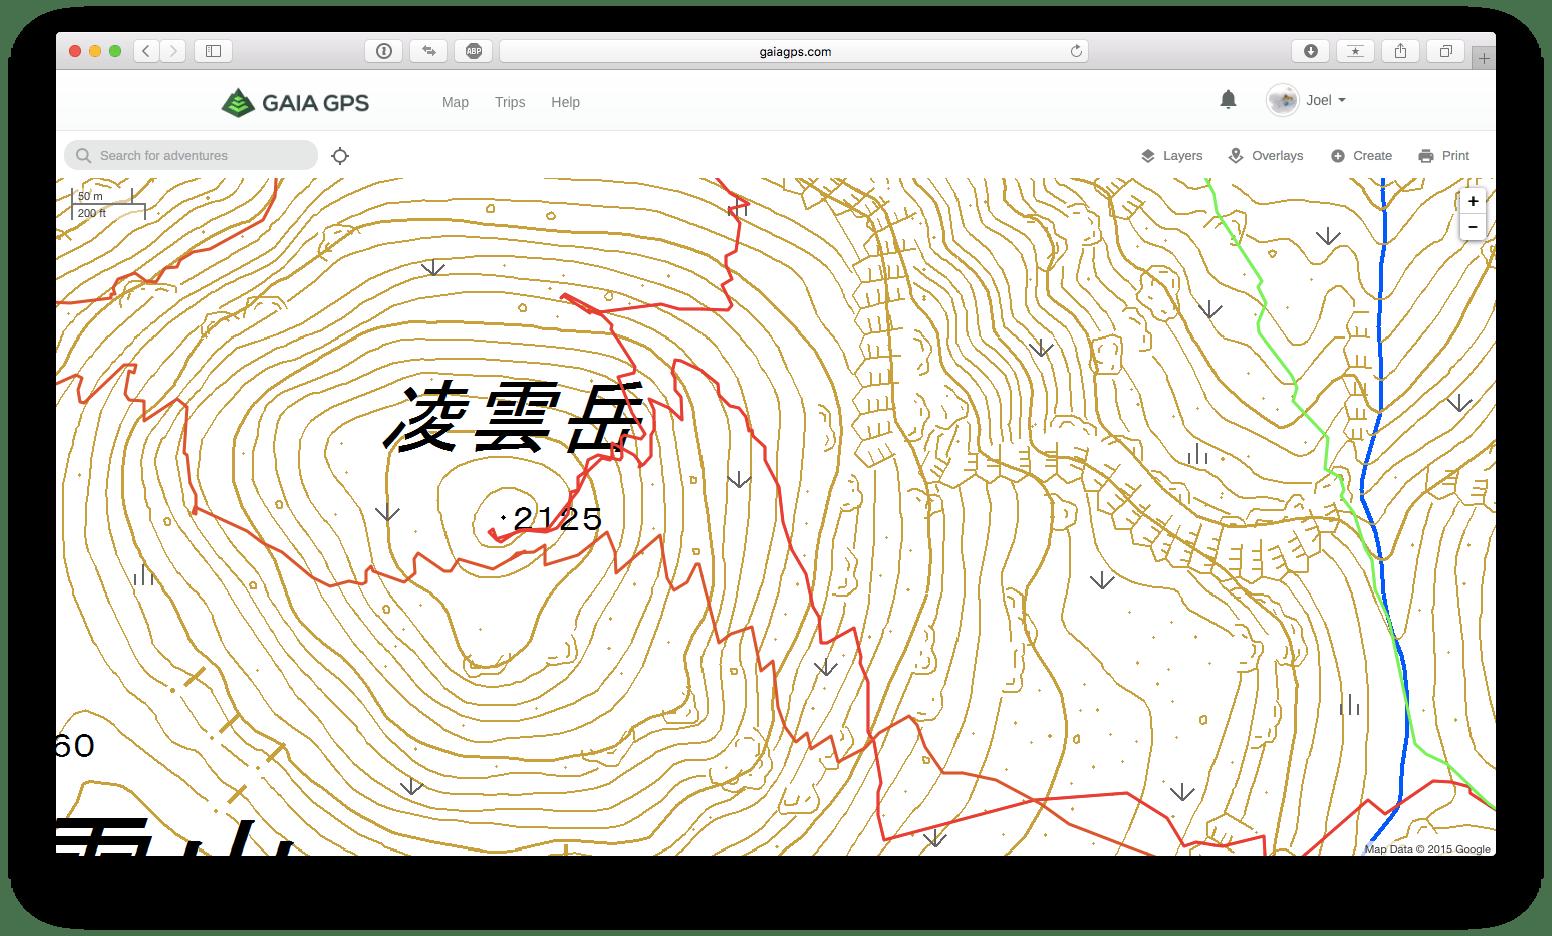 Gaia GPS Map Sources – Ski Descent